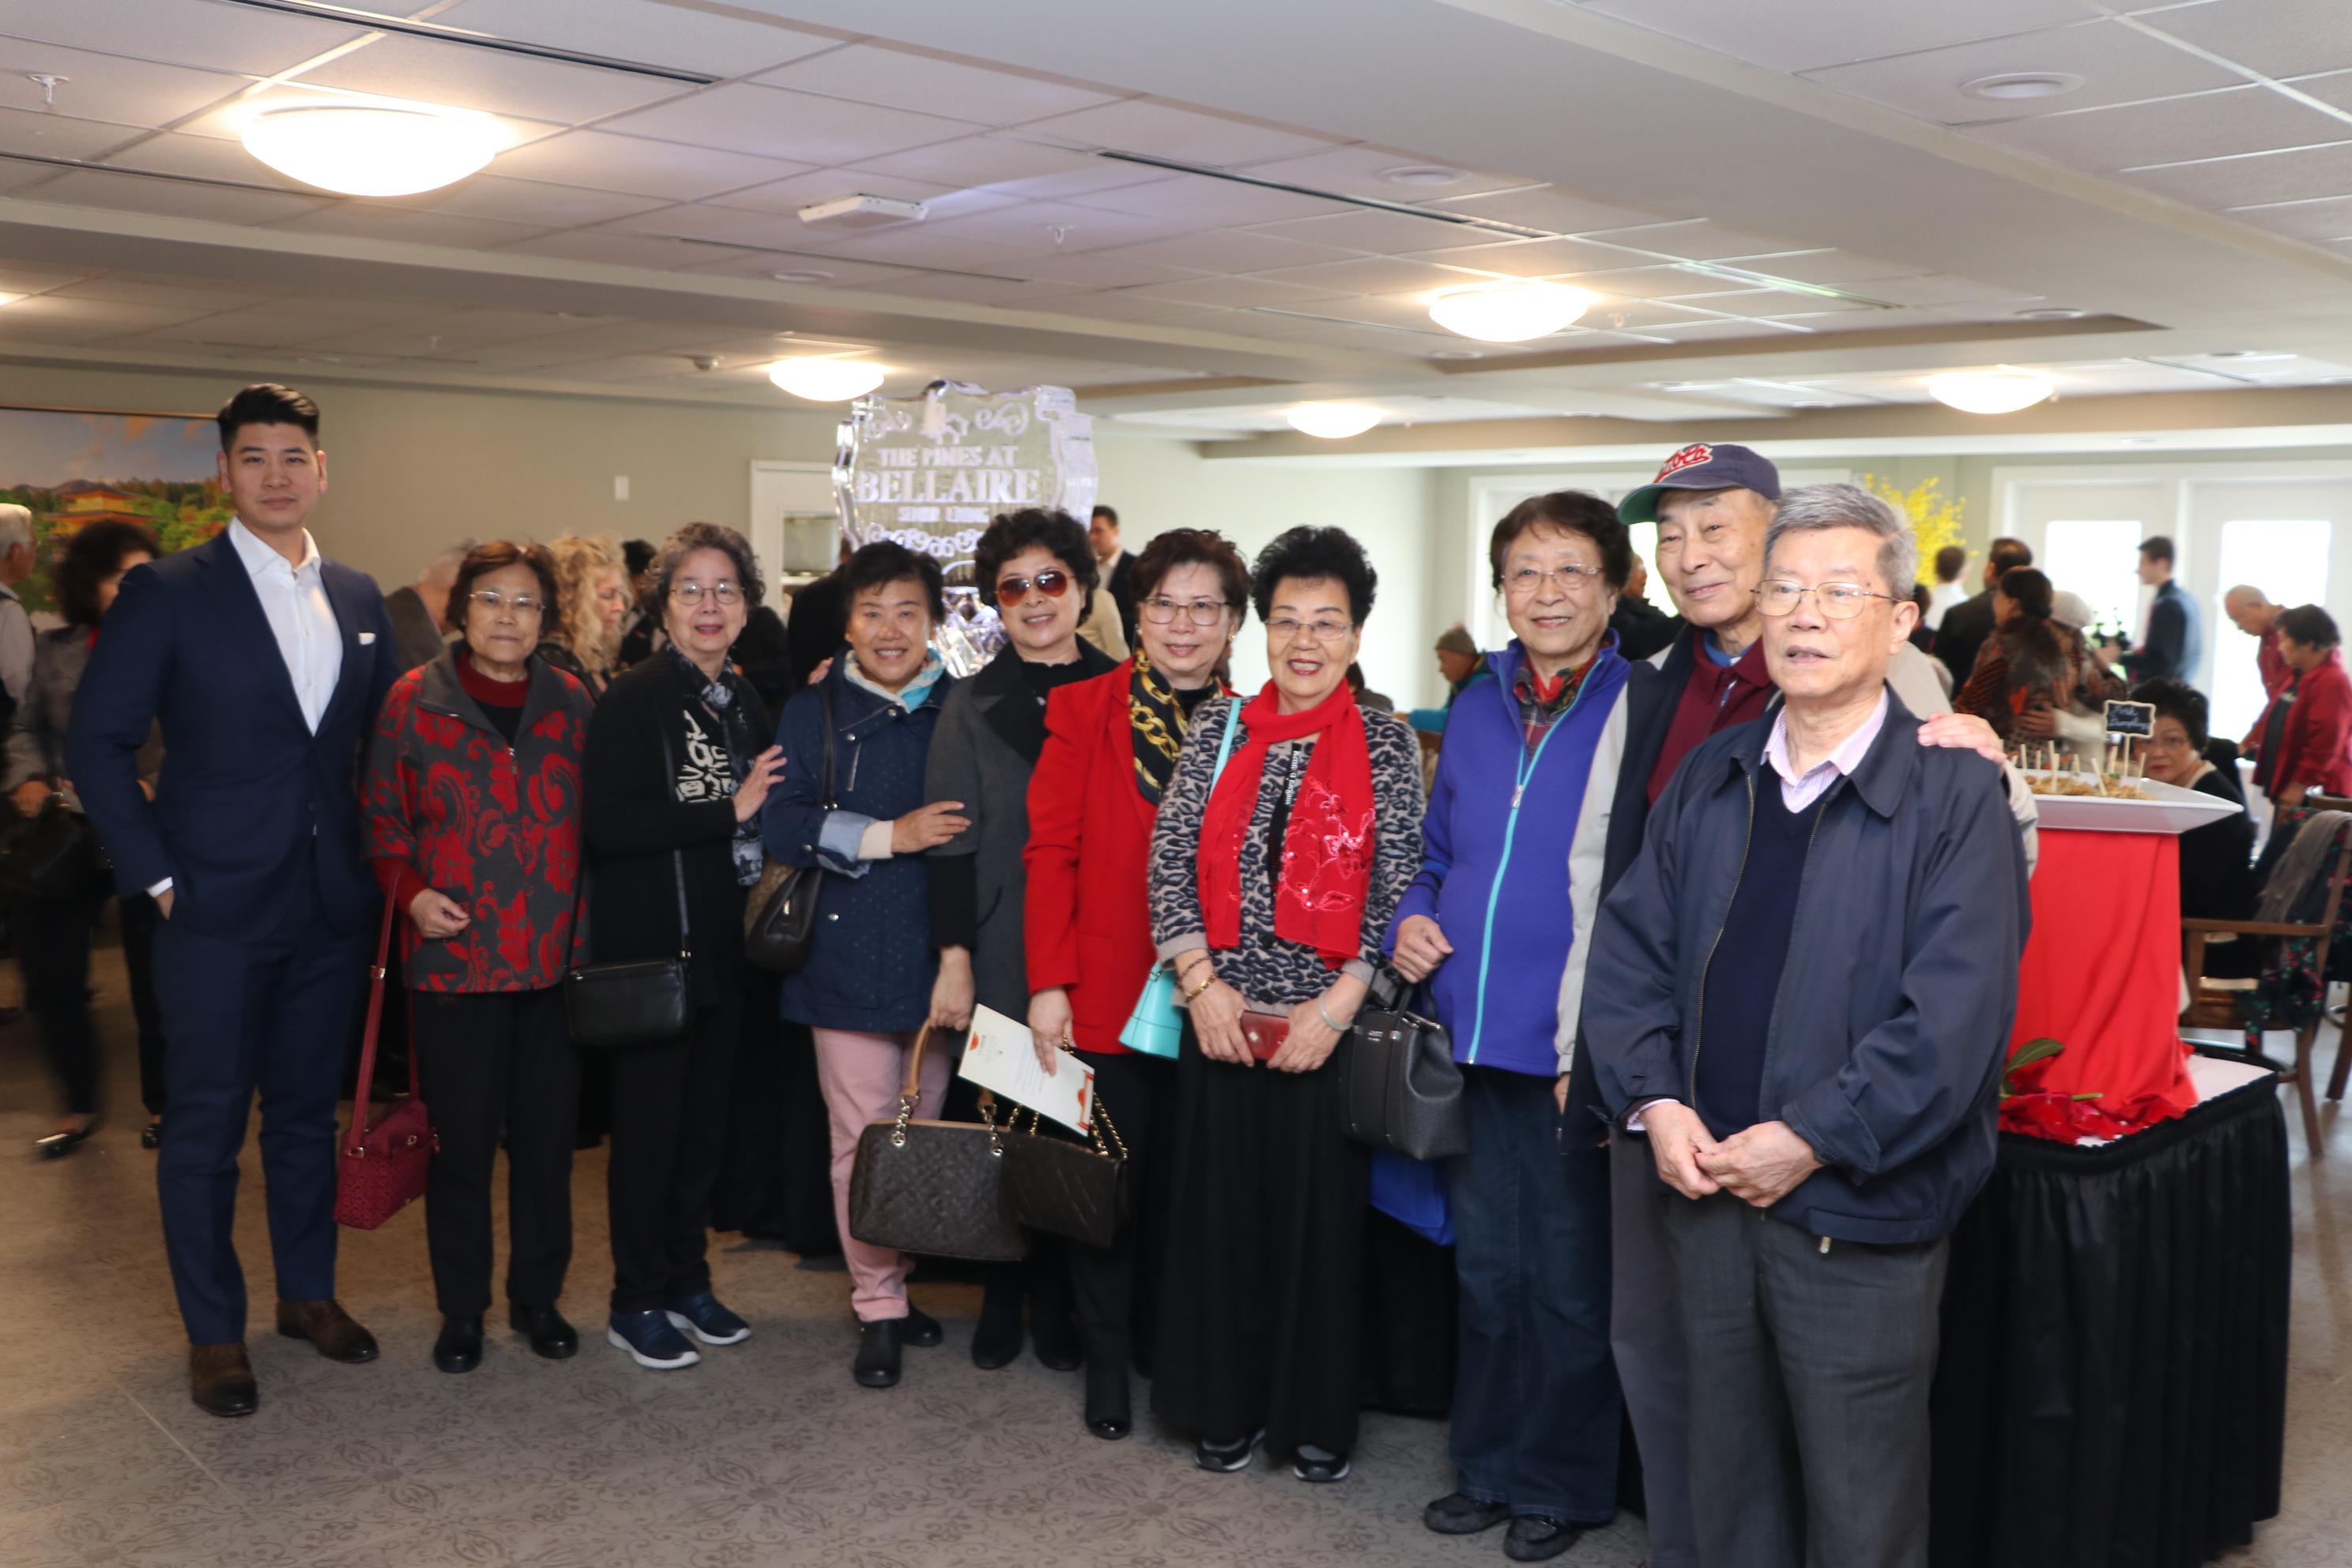 中華公所共同主席李世威(右一)與到訪賓客合影。